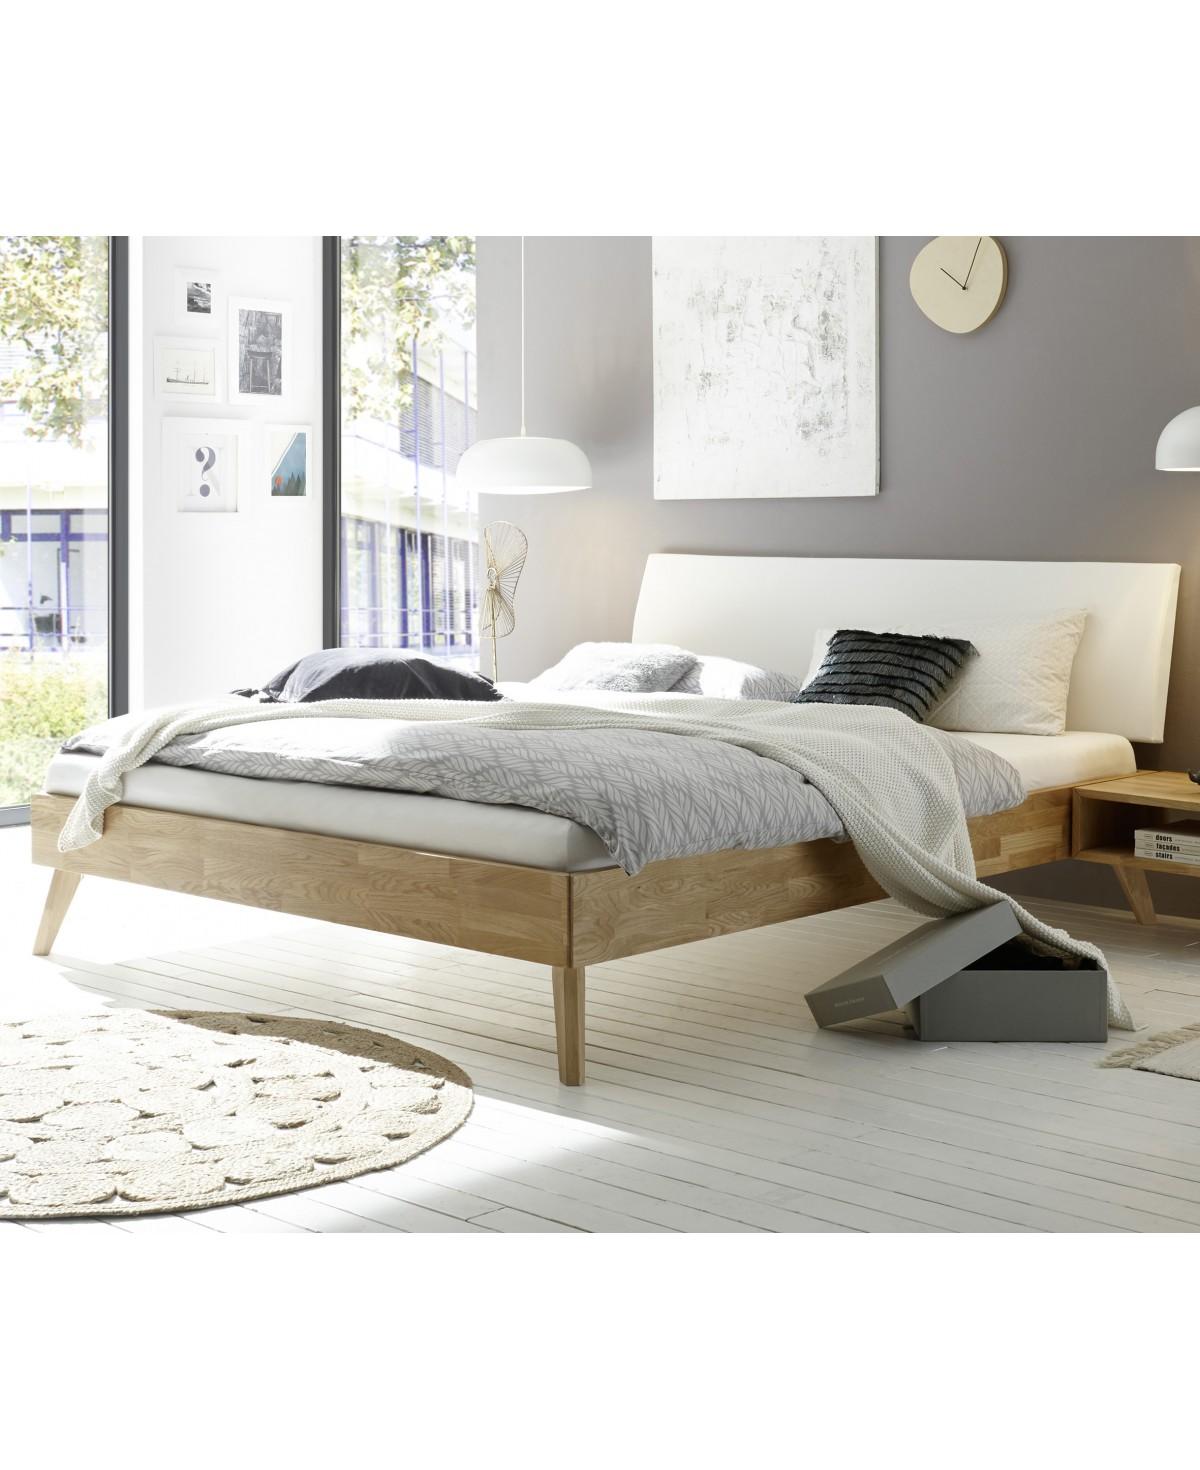 Full Size of Betten Mit Aufbewahrung Schramm Innocent Landhaus Regal Weiß Außergewöhnliche Luxus Amazon Massivholz Trends Weiße Küche Wohnwert Paradies Für Bett Betten Weiß